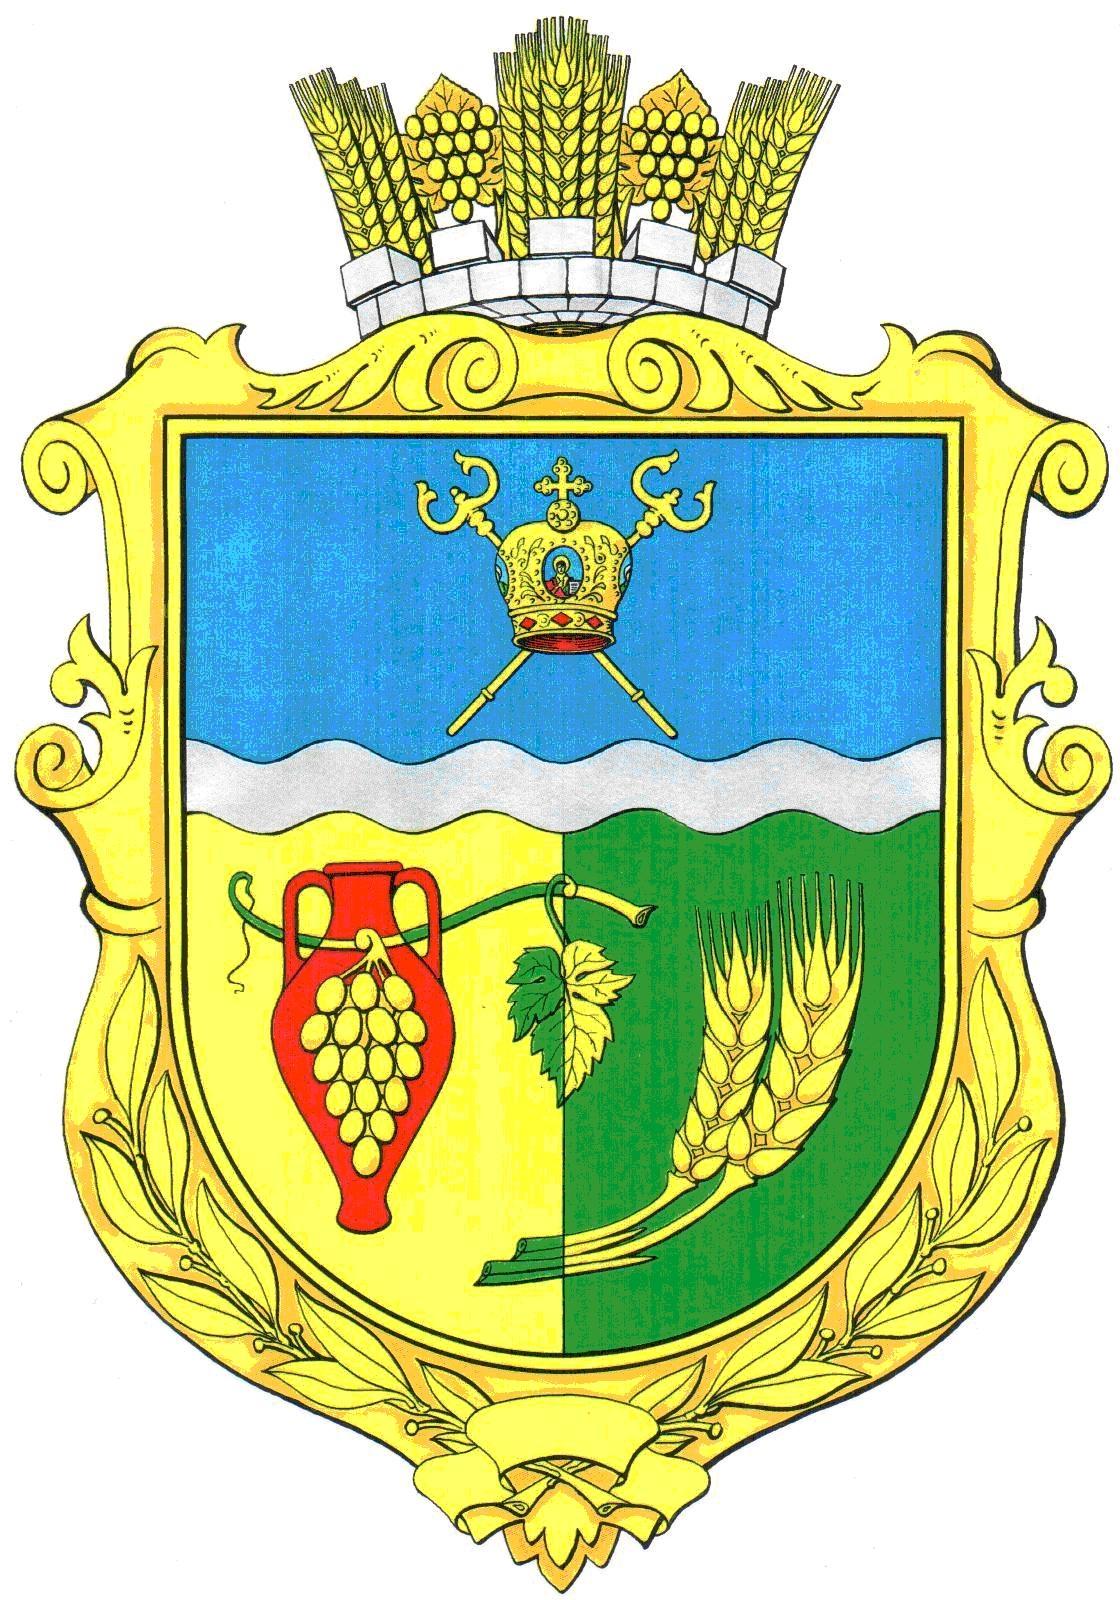 mykolaivska-raionna-derzhavna-administratsiia-mykolaivskoi-oblasti